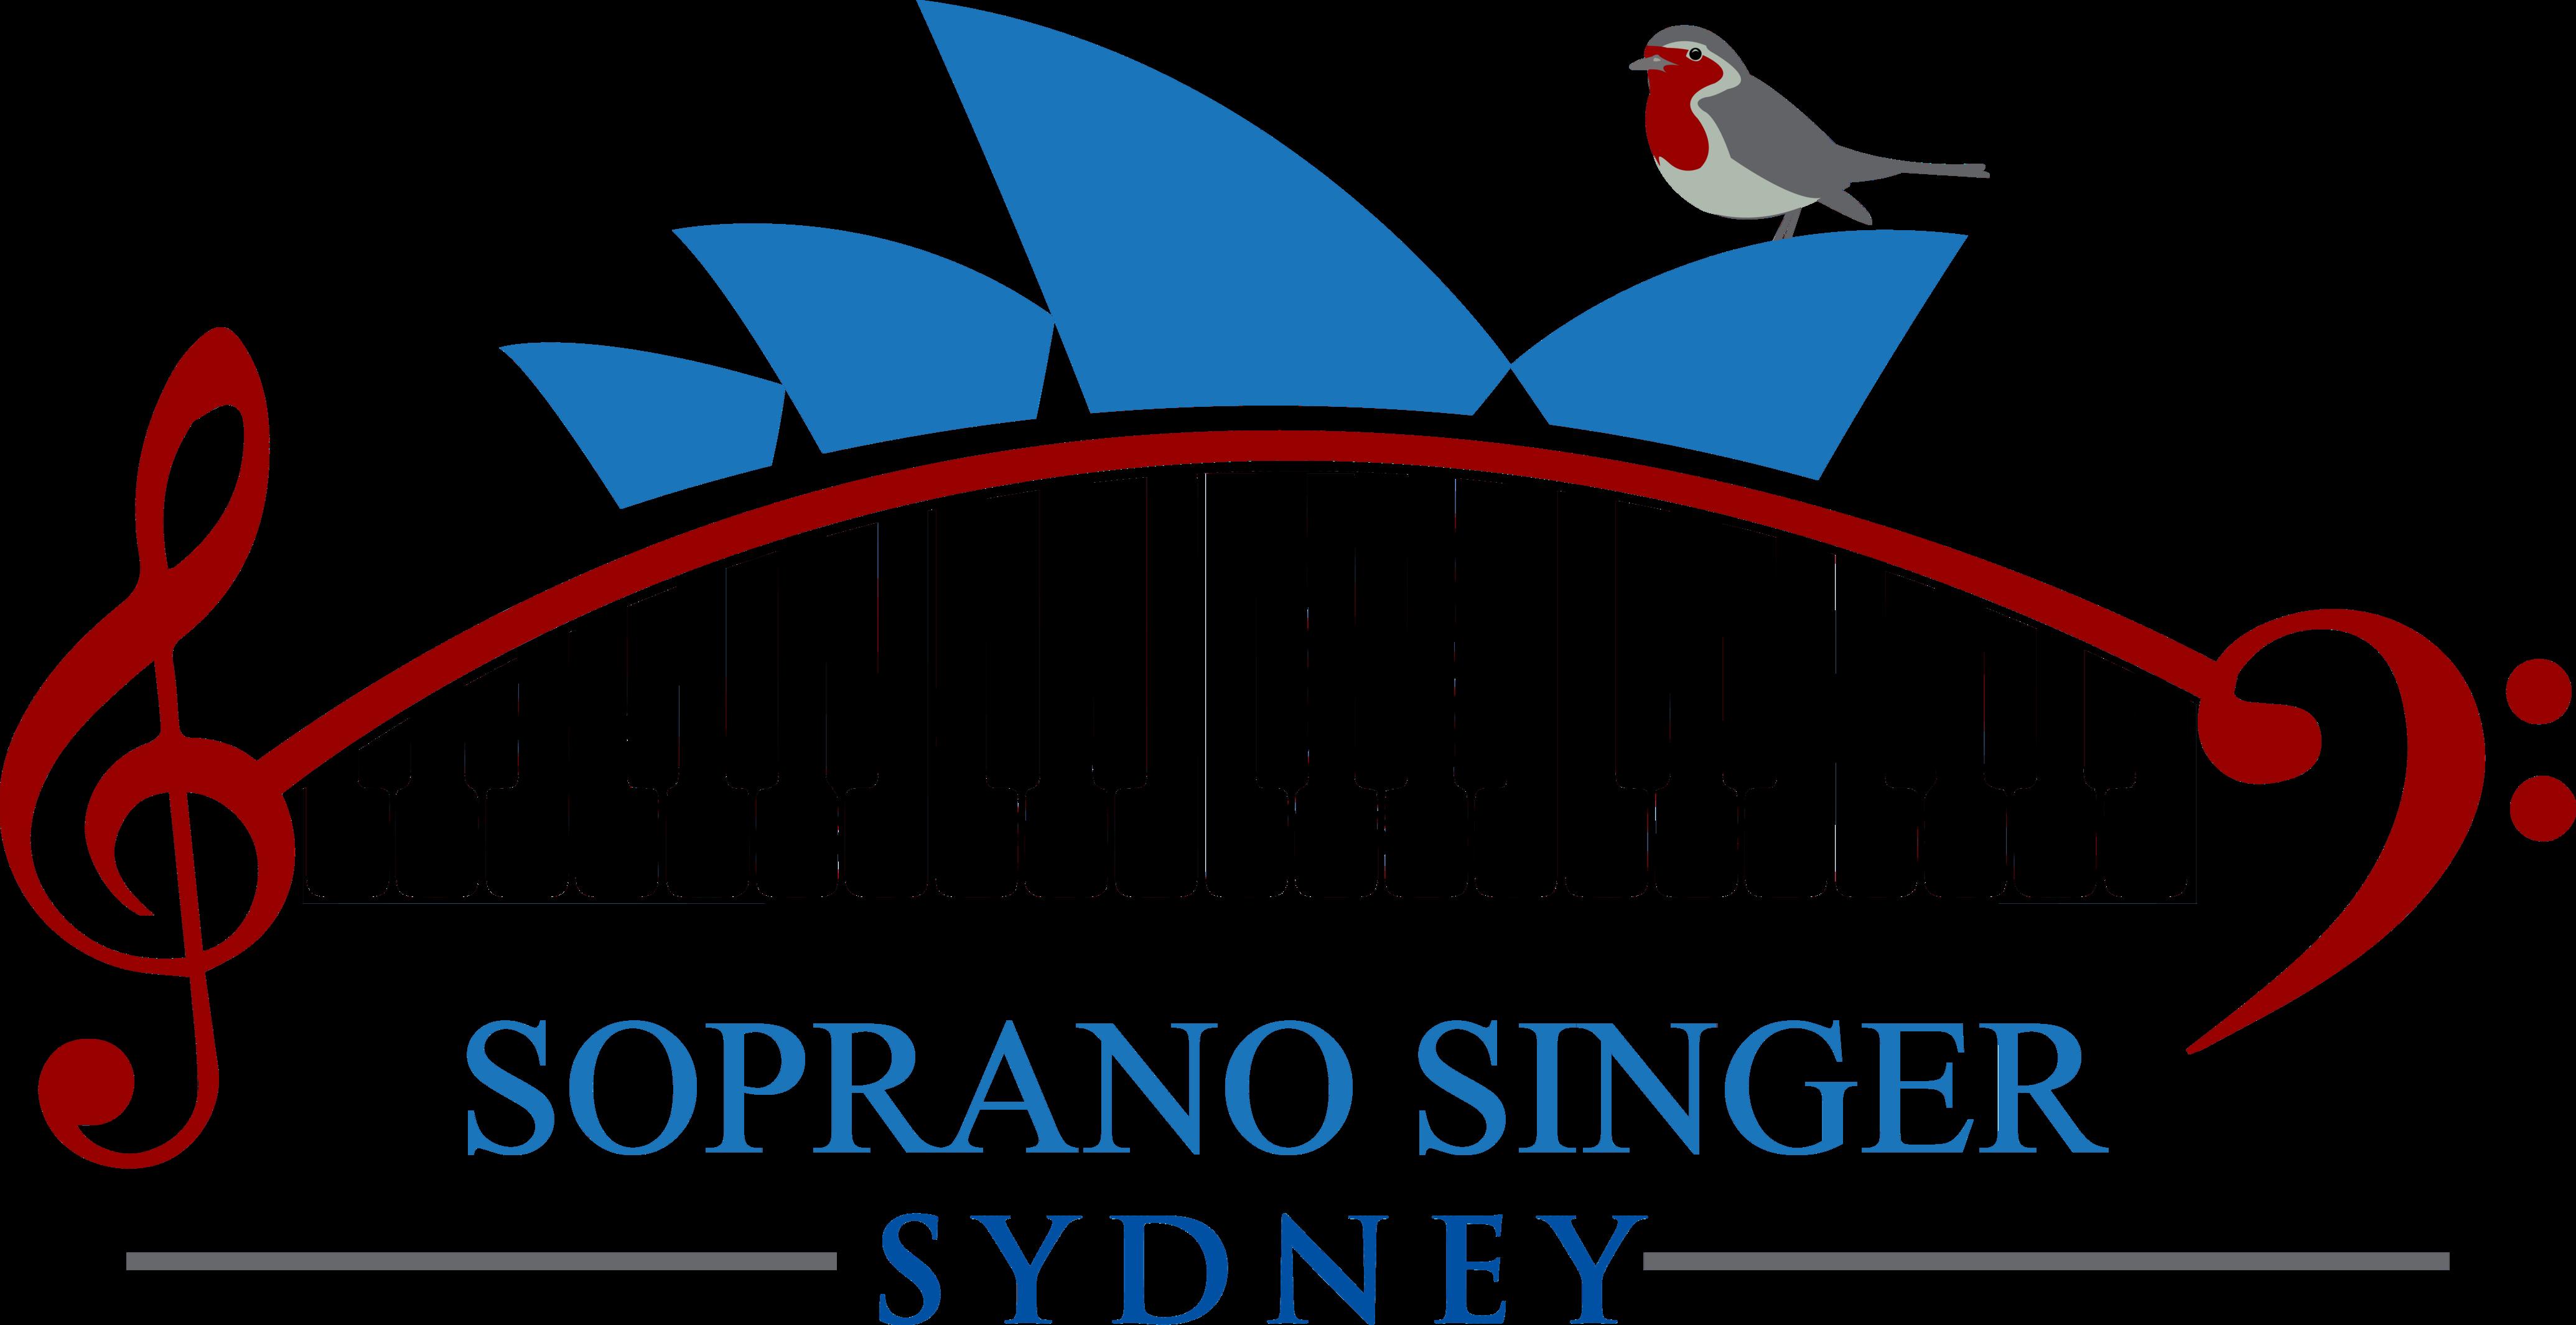 Soprano Singer Sydney